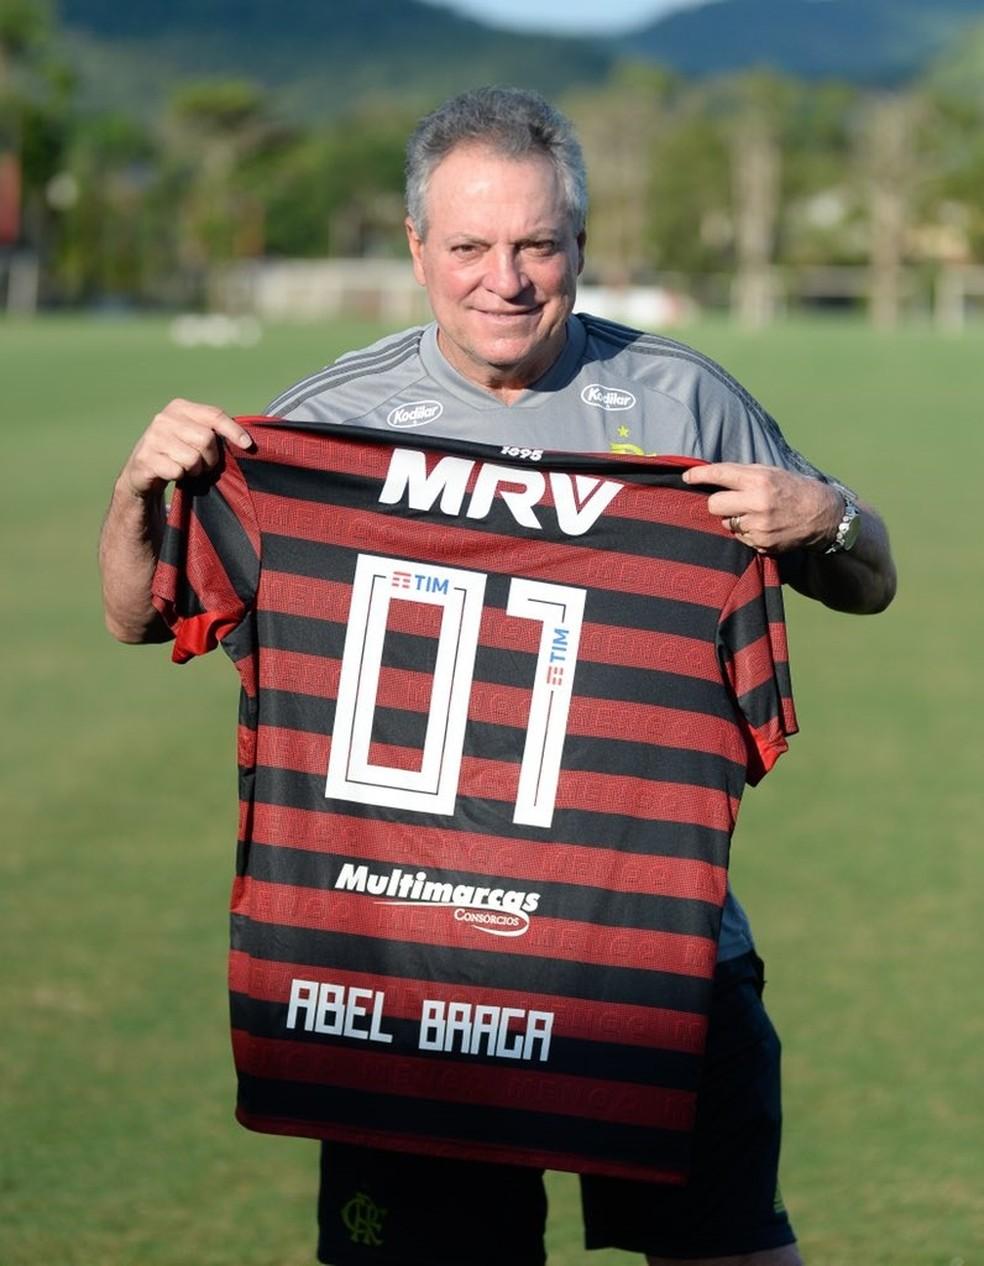 Técnico recebeu de Rhodolfo a camisa usada na comemoração da Taça Rio — Foto: Alexandre Vidal/Flamengo